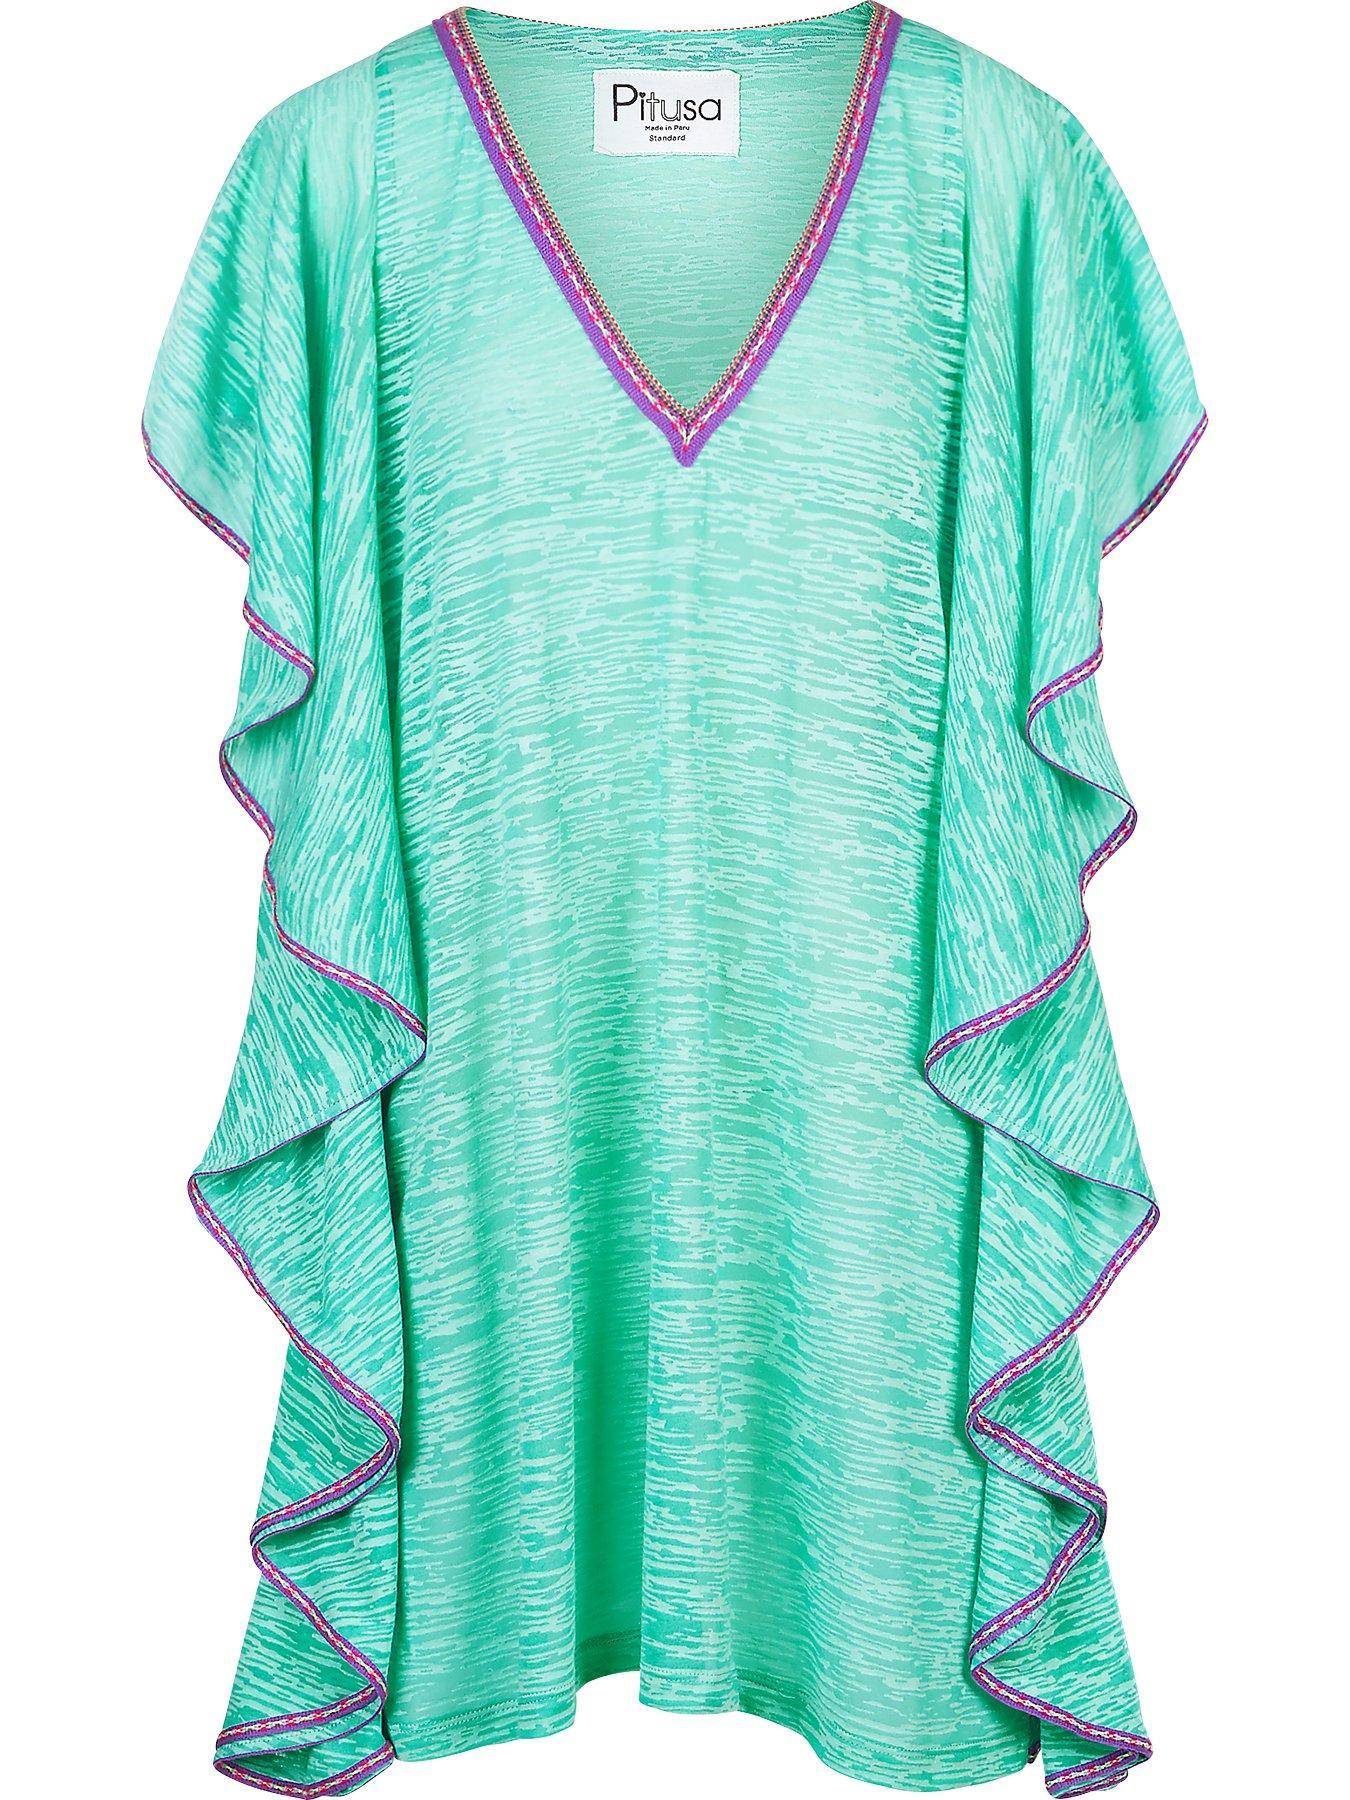 568b5064a85 PITUSA Flare V Neck Mini Mint Dress - We Select Dresses